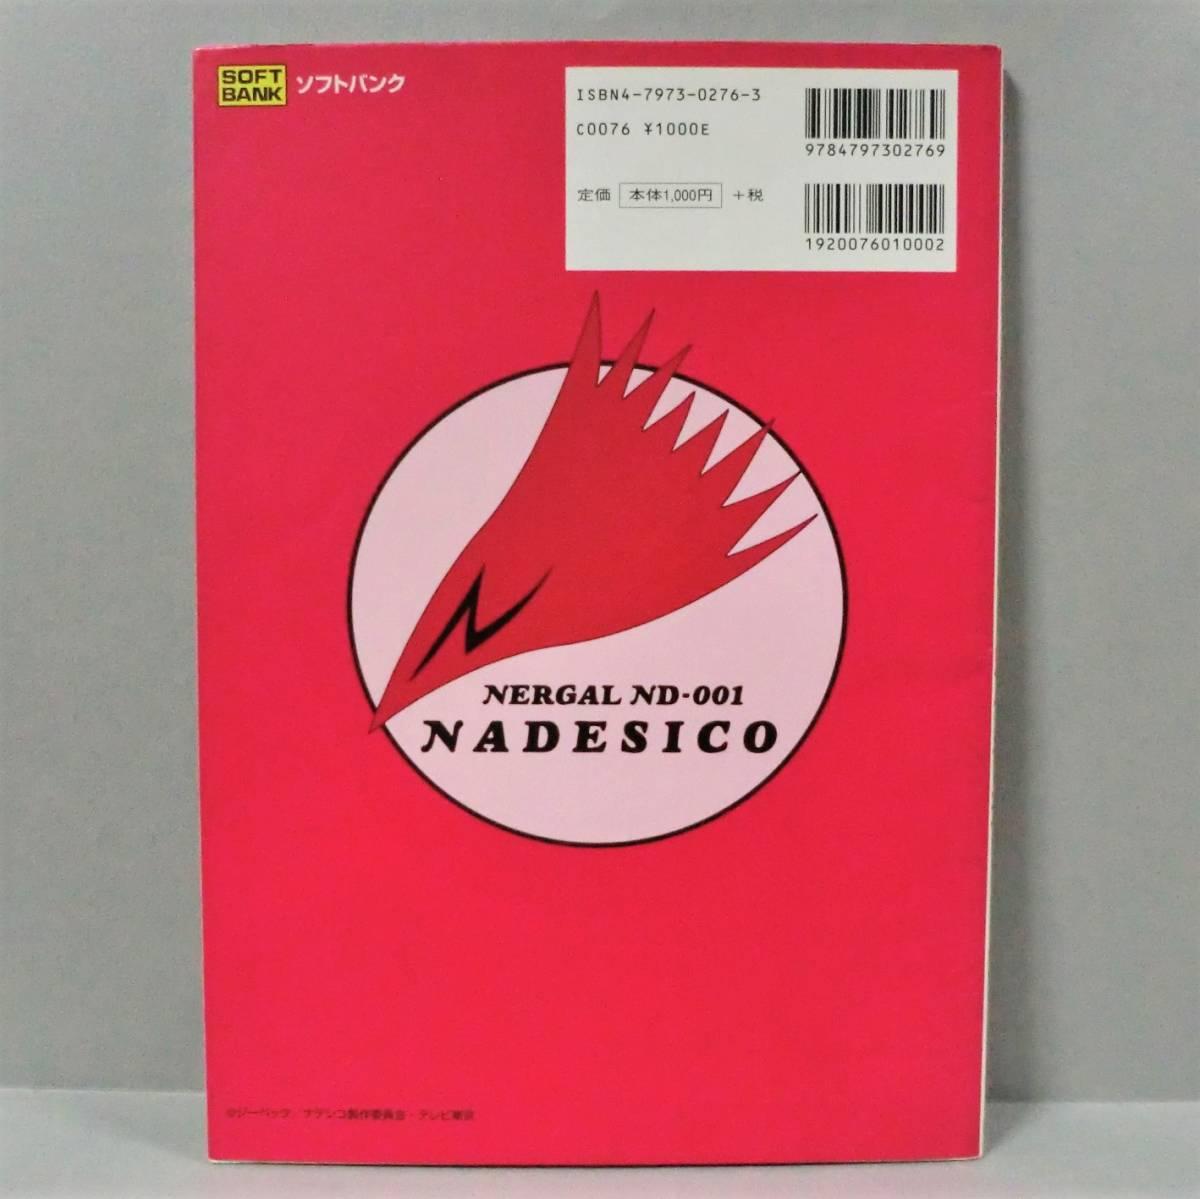 【攻略本セール☆】SS版 機動戦艦ナデシコ ~やっぱり『最後は愛が勝つ』?~ パーフェクトガイド/SEGA 1997年 初版 B5判